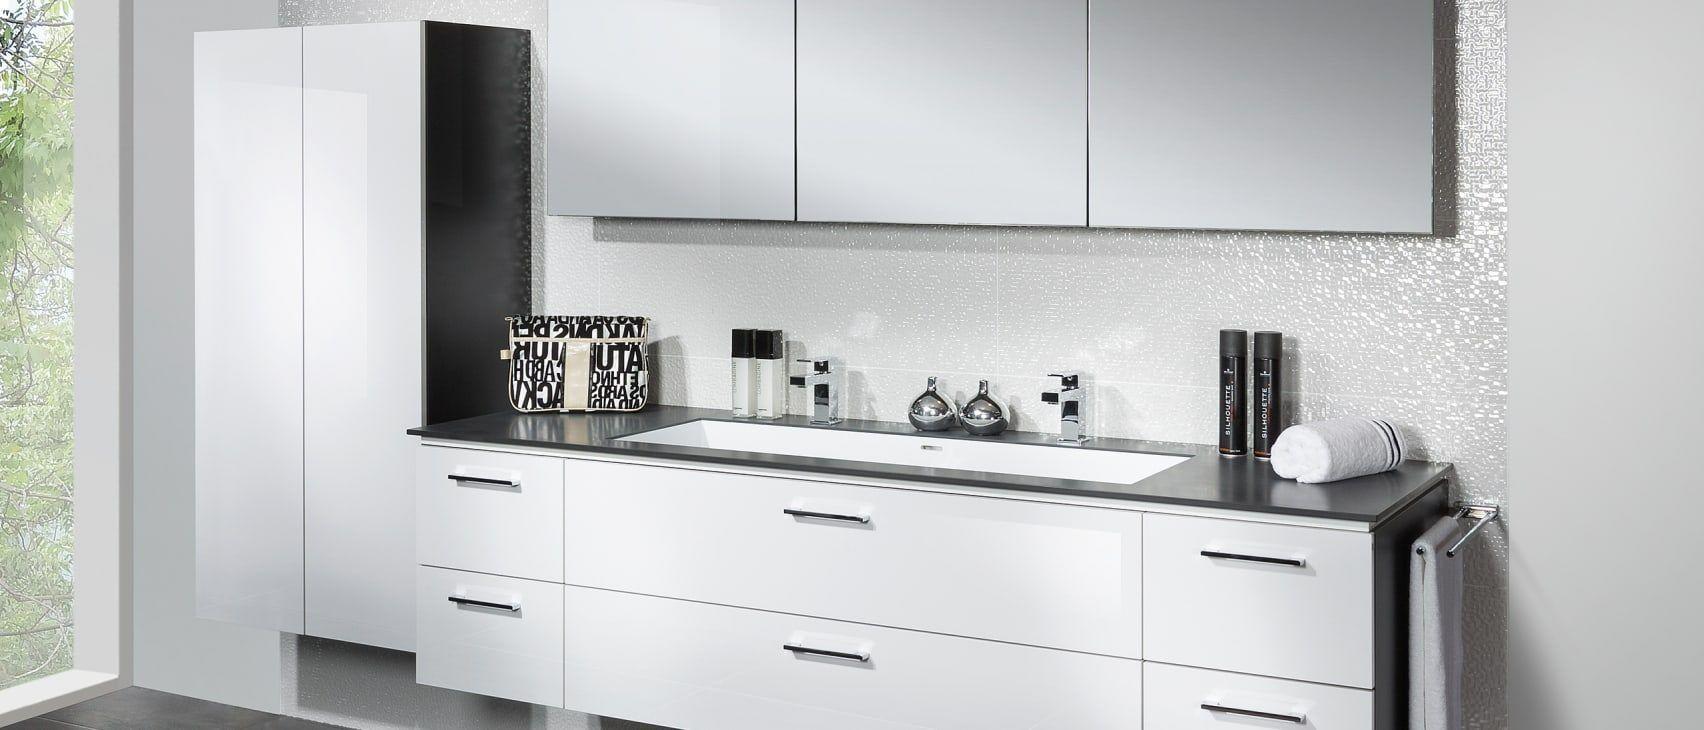 Ikea Kasten Badezimmer Unterschrank Ikea Badezimmer Renovieren